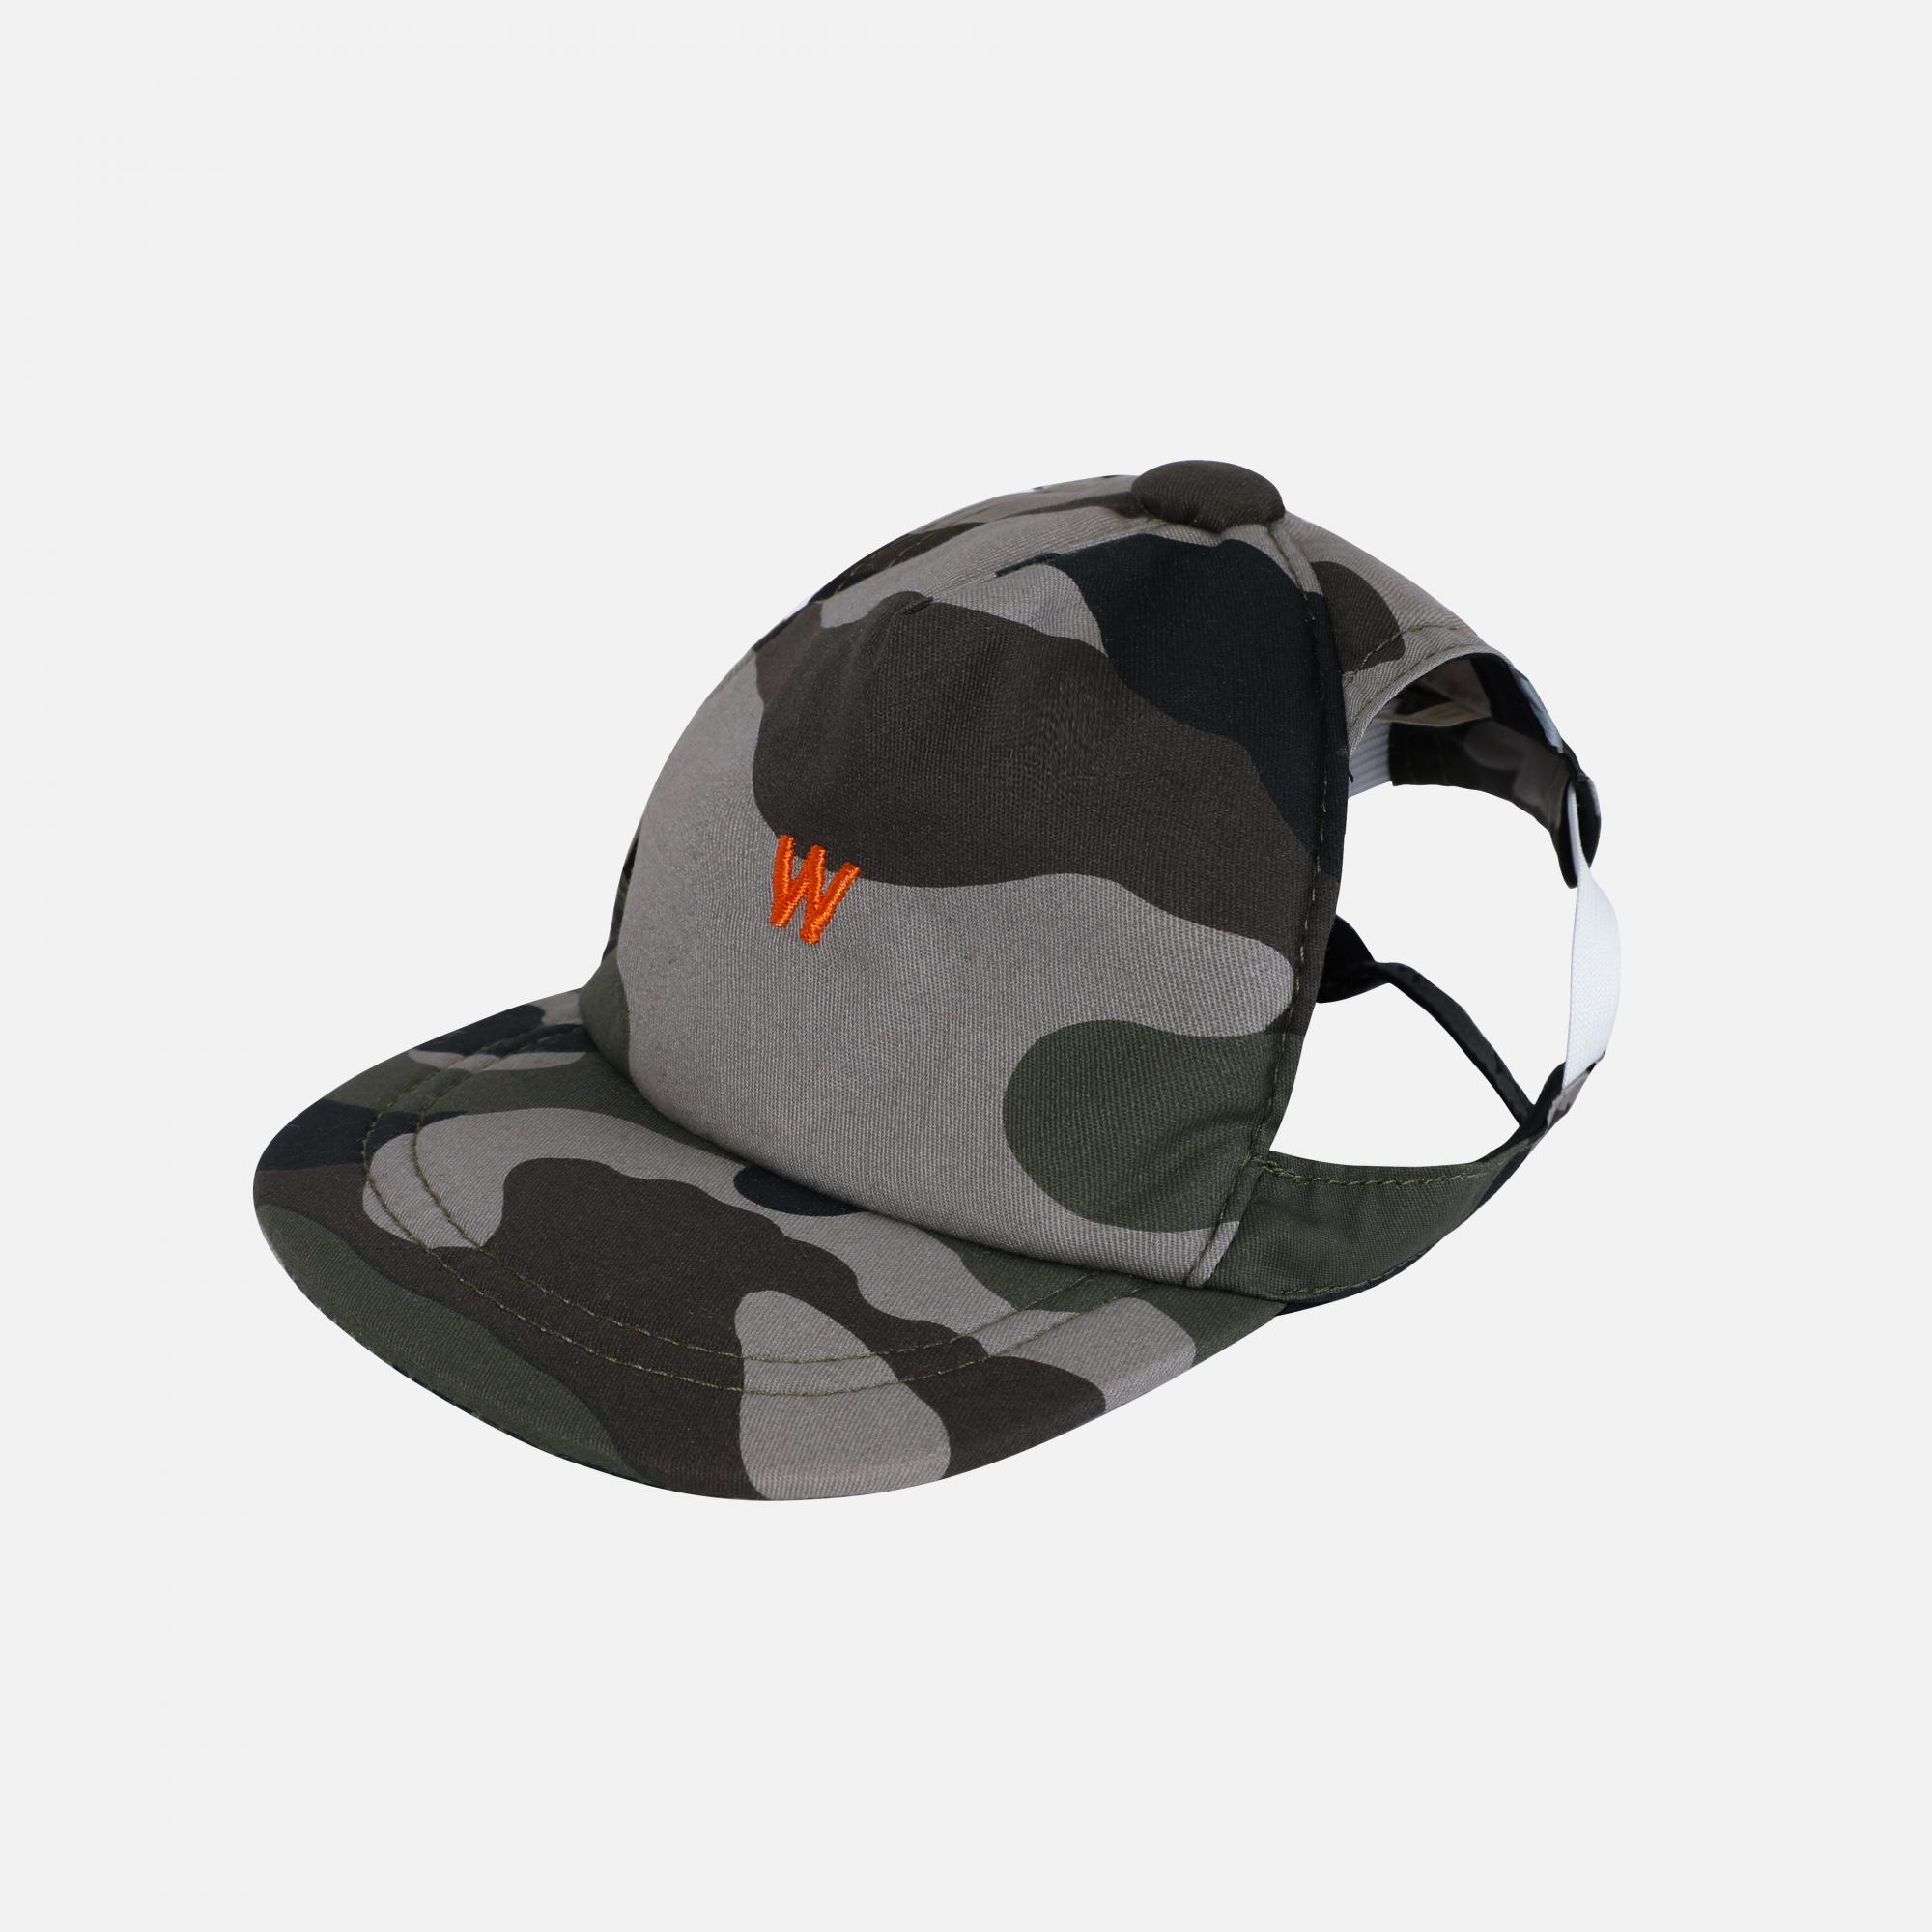 Casquettes camouflage par Wouapy